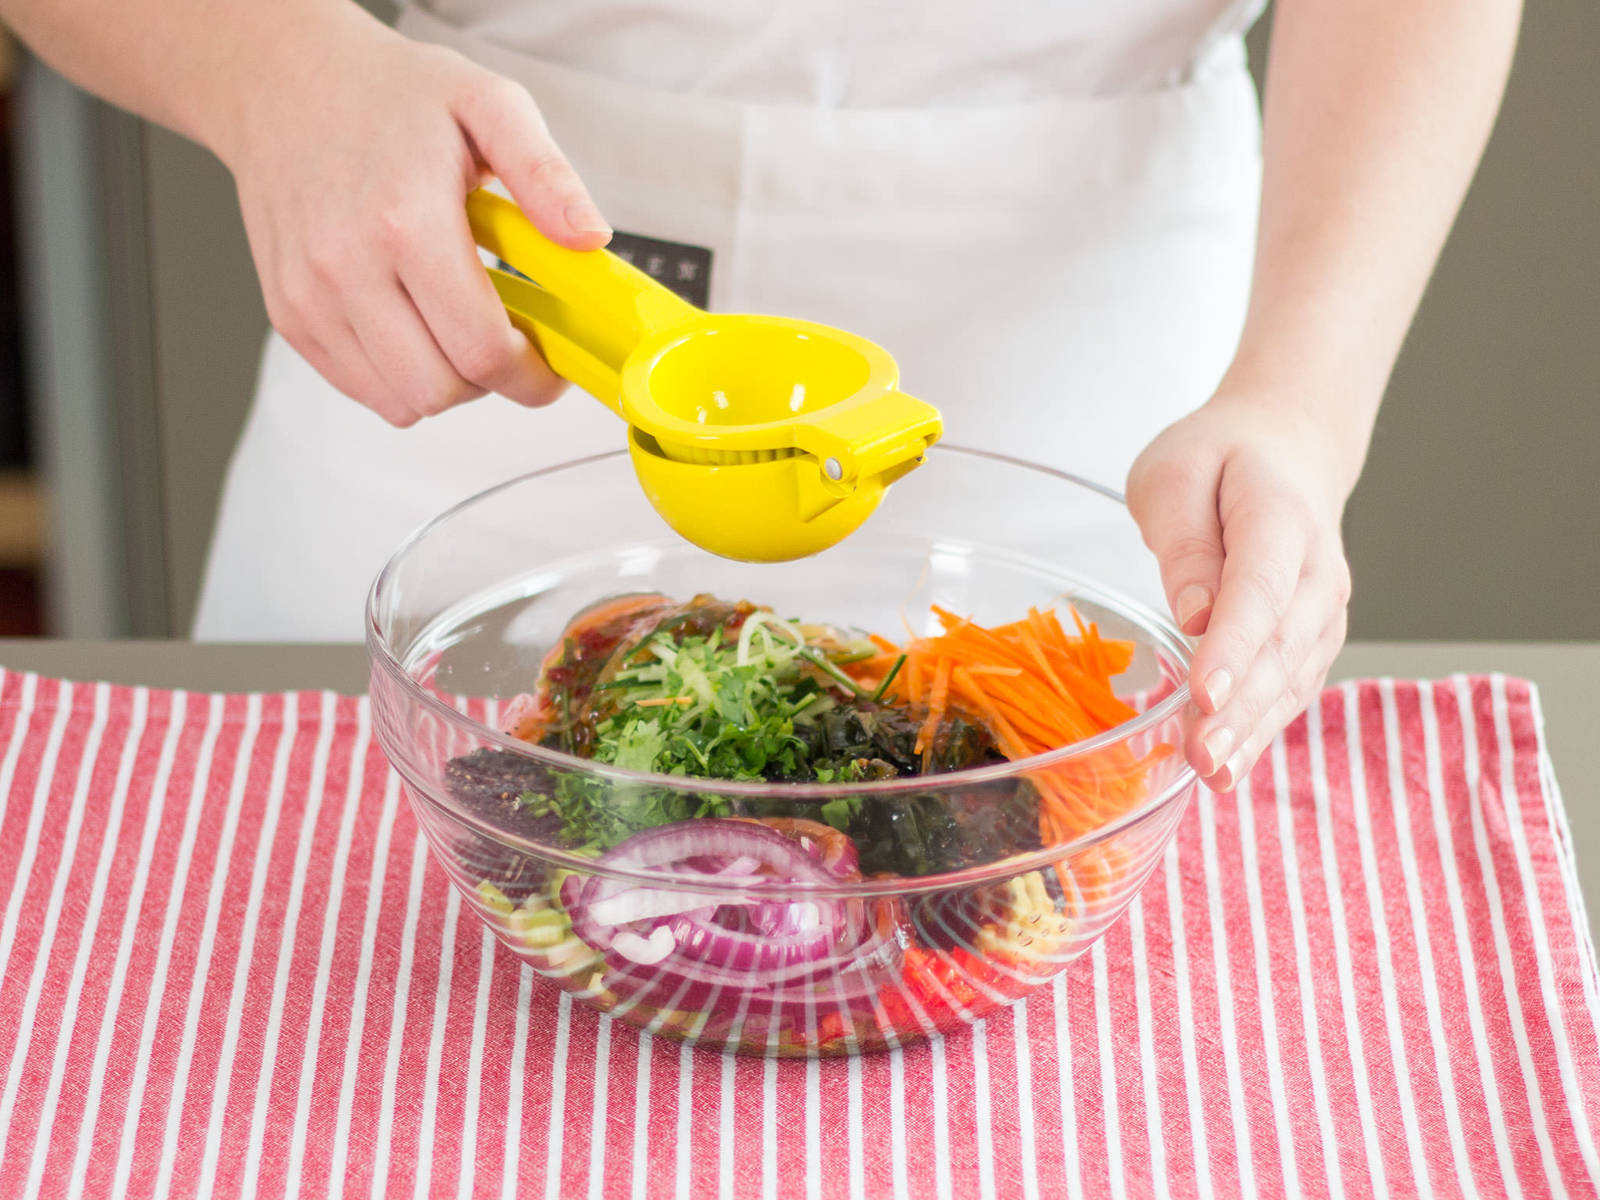 Algen, Karotte, Gurke, Zwiebel, Chili, Frühlingszwiebeln und Koriander in einer großen Schüssel vermengen. Ingwer in die Schüssel reiben. Sesamöl, dunklen Sesam, süße Chilisoße und Limettensaft hinzugeben. Nach Geschmack mit Salz und Pfeffer würzen. Den Salat anschließend gründlich mischen.